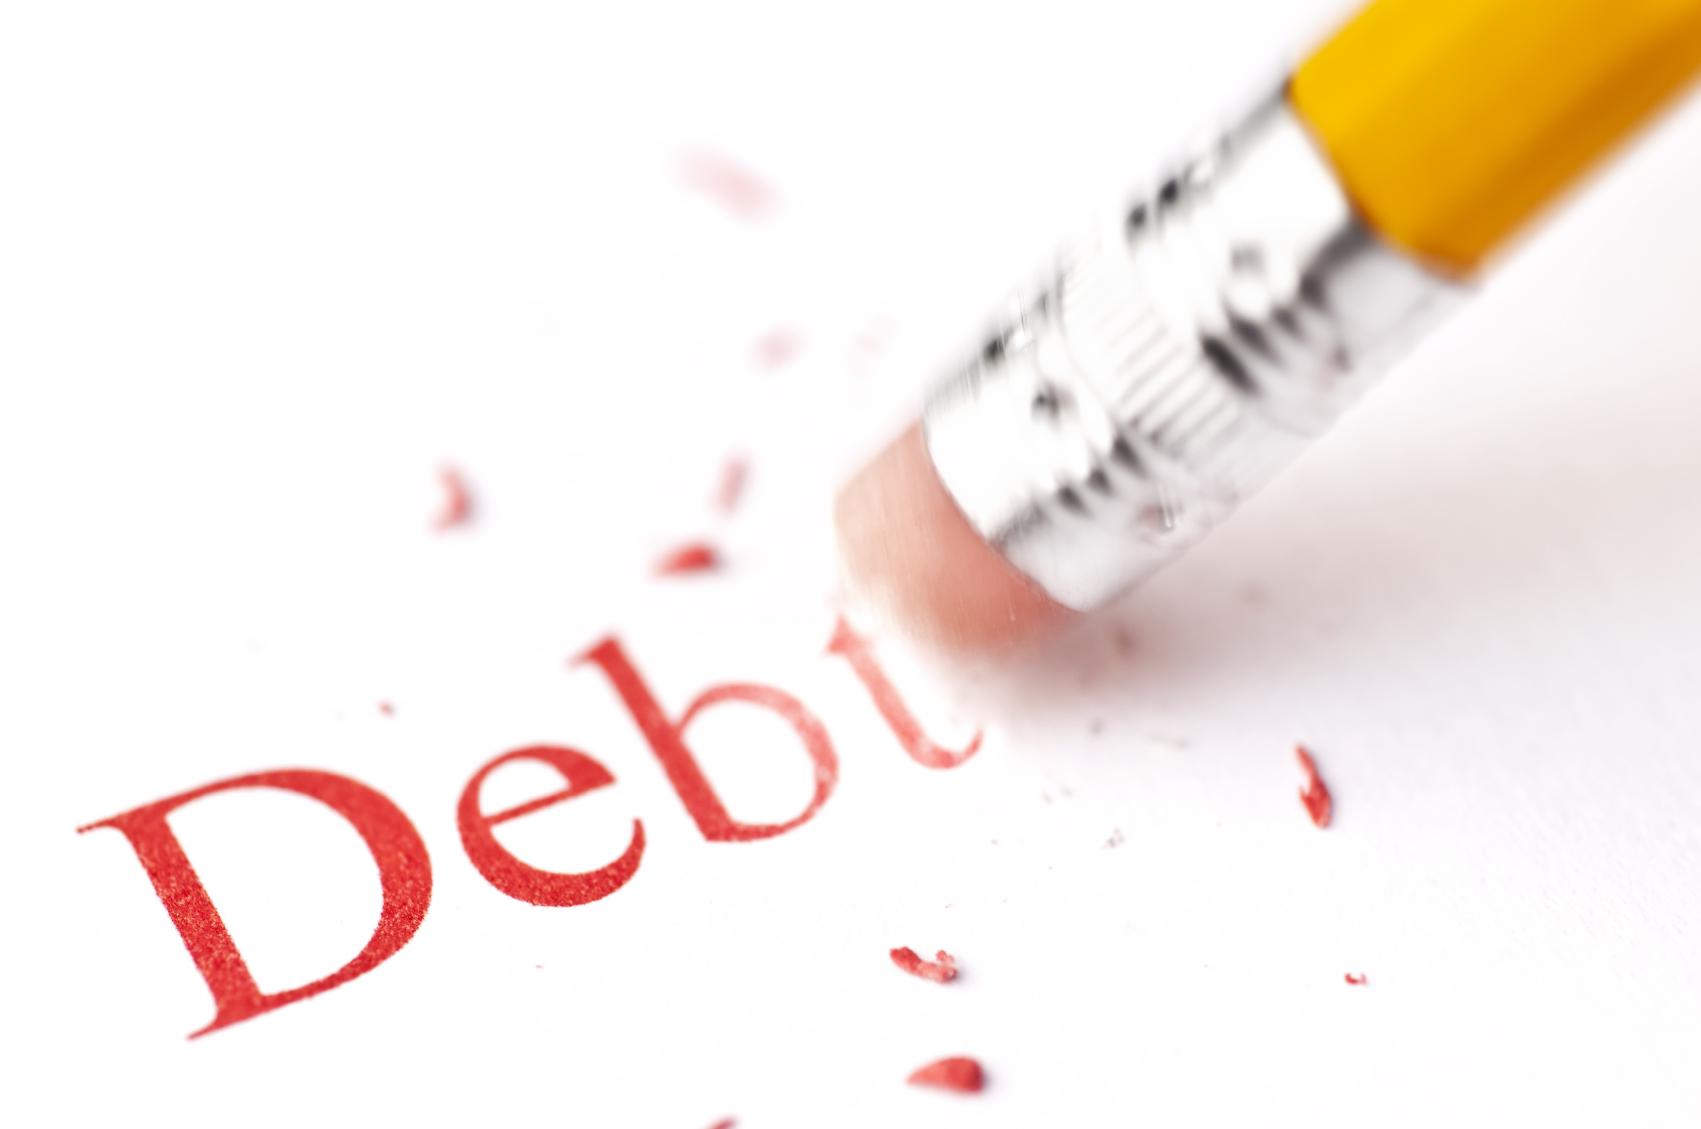 Tre proposte per ridurre il rapporto debito pubblico/PIL